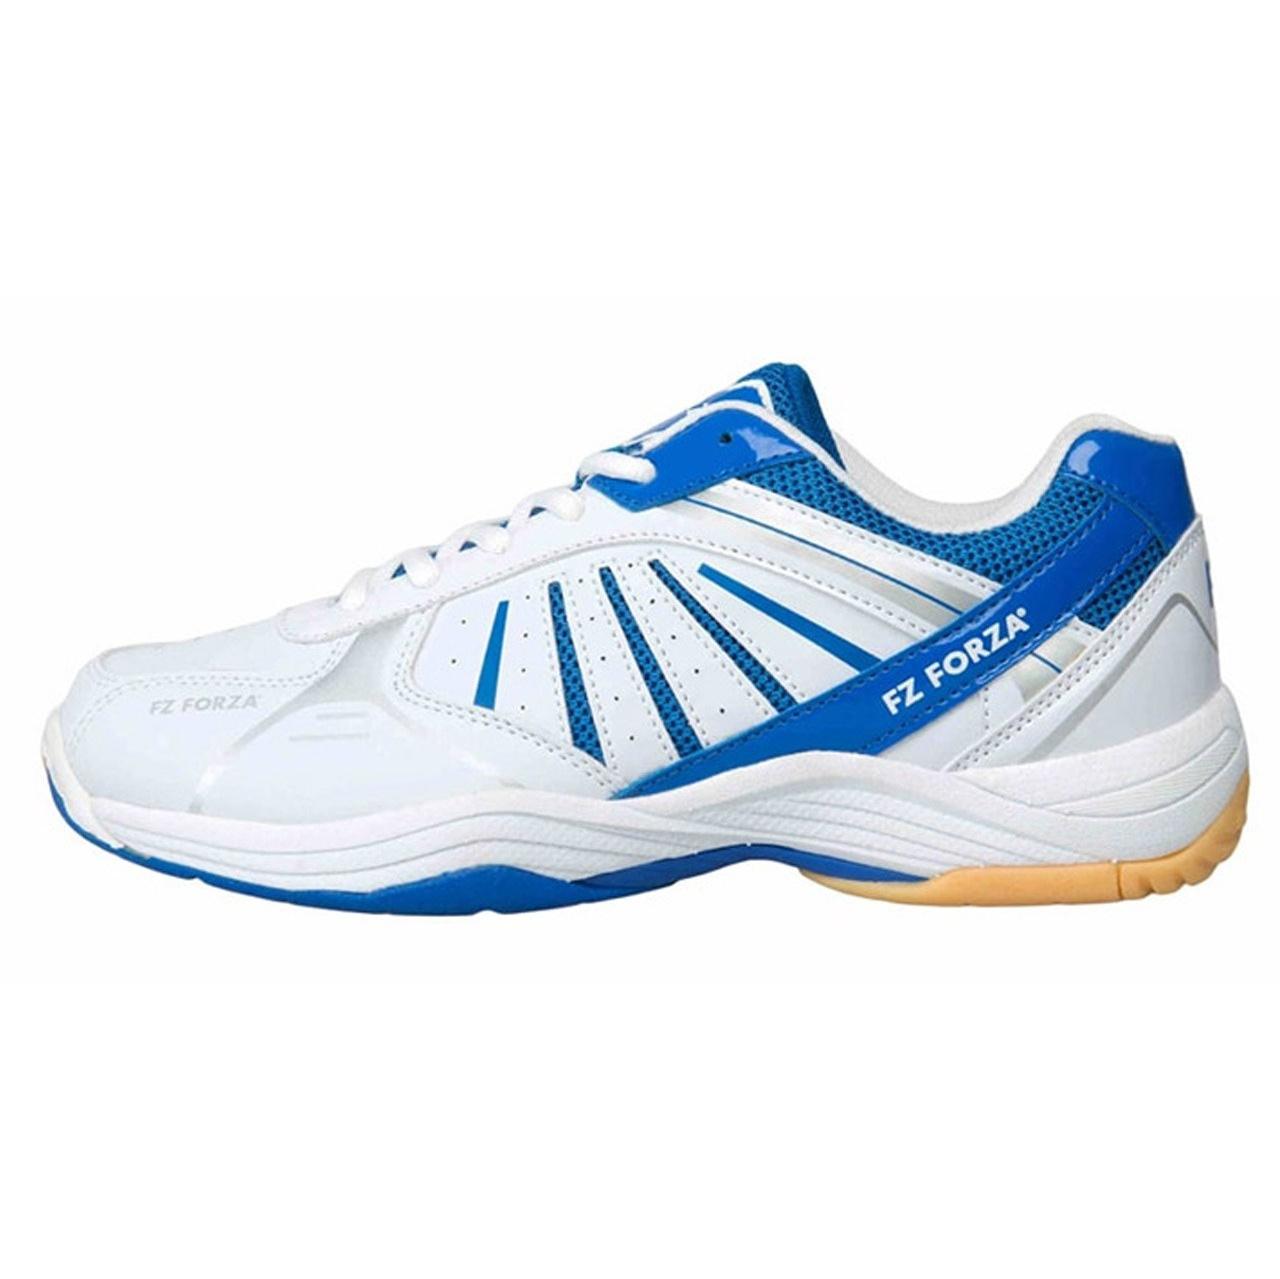 کفش ورزشی زنانه فورزا مدل New Result White